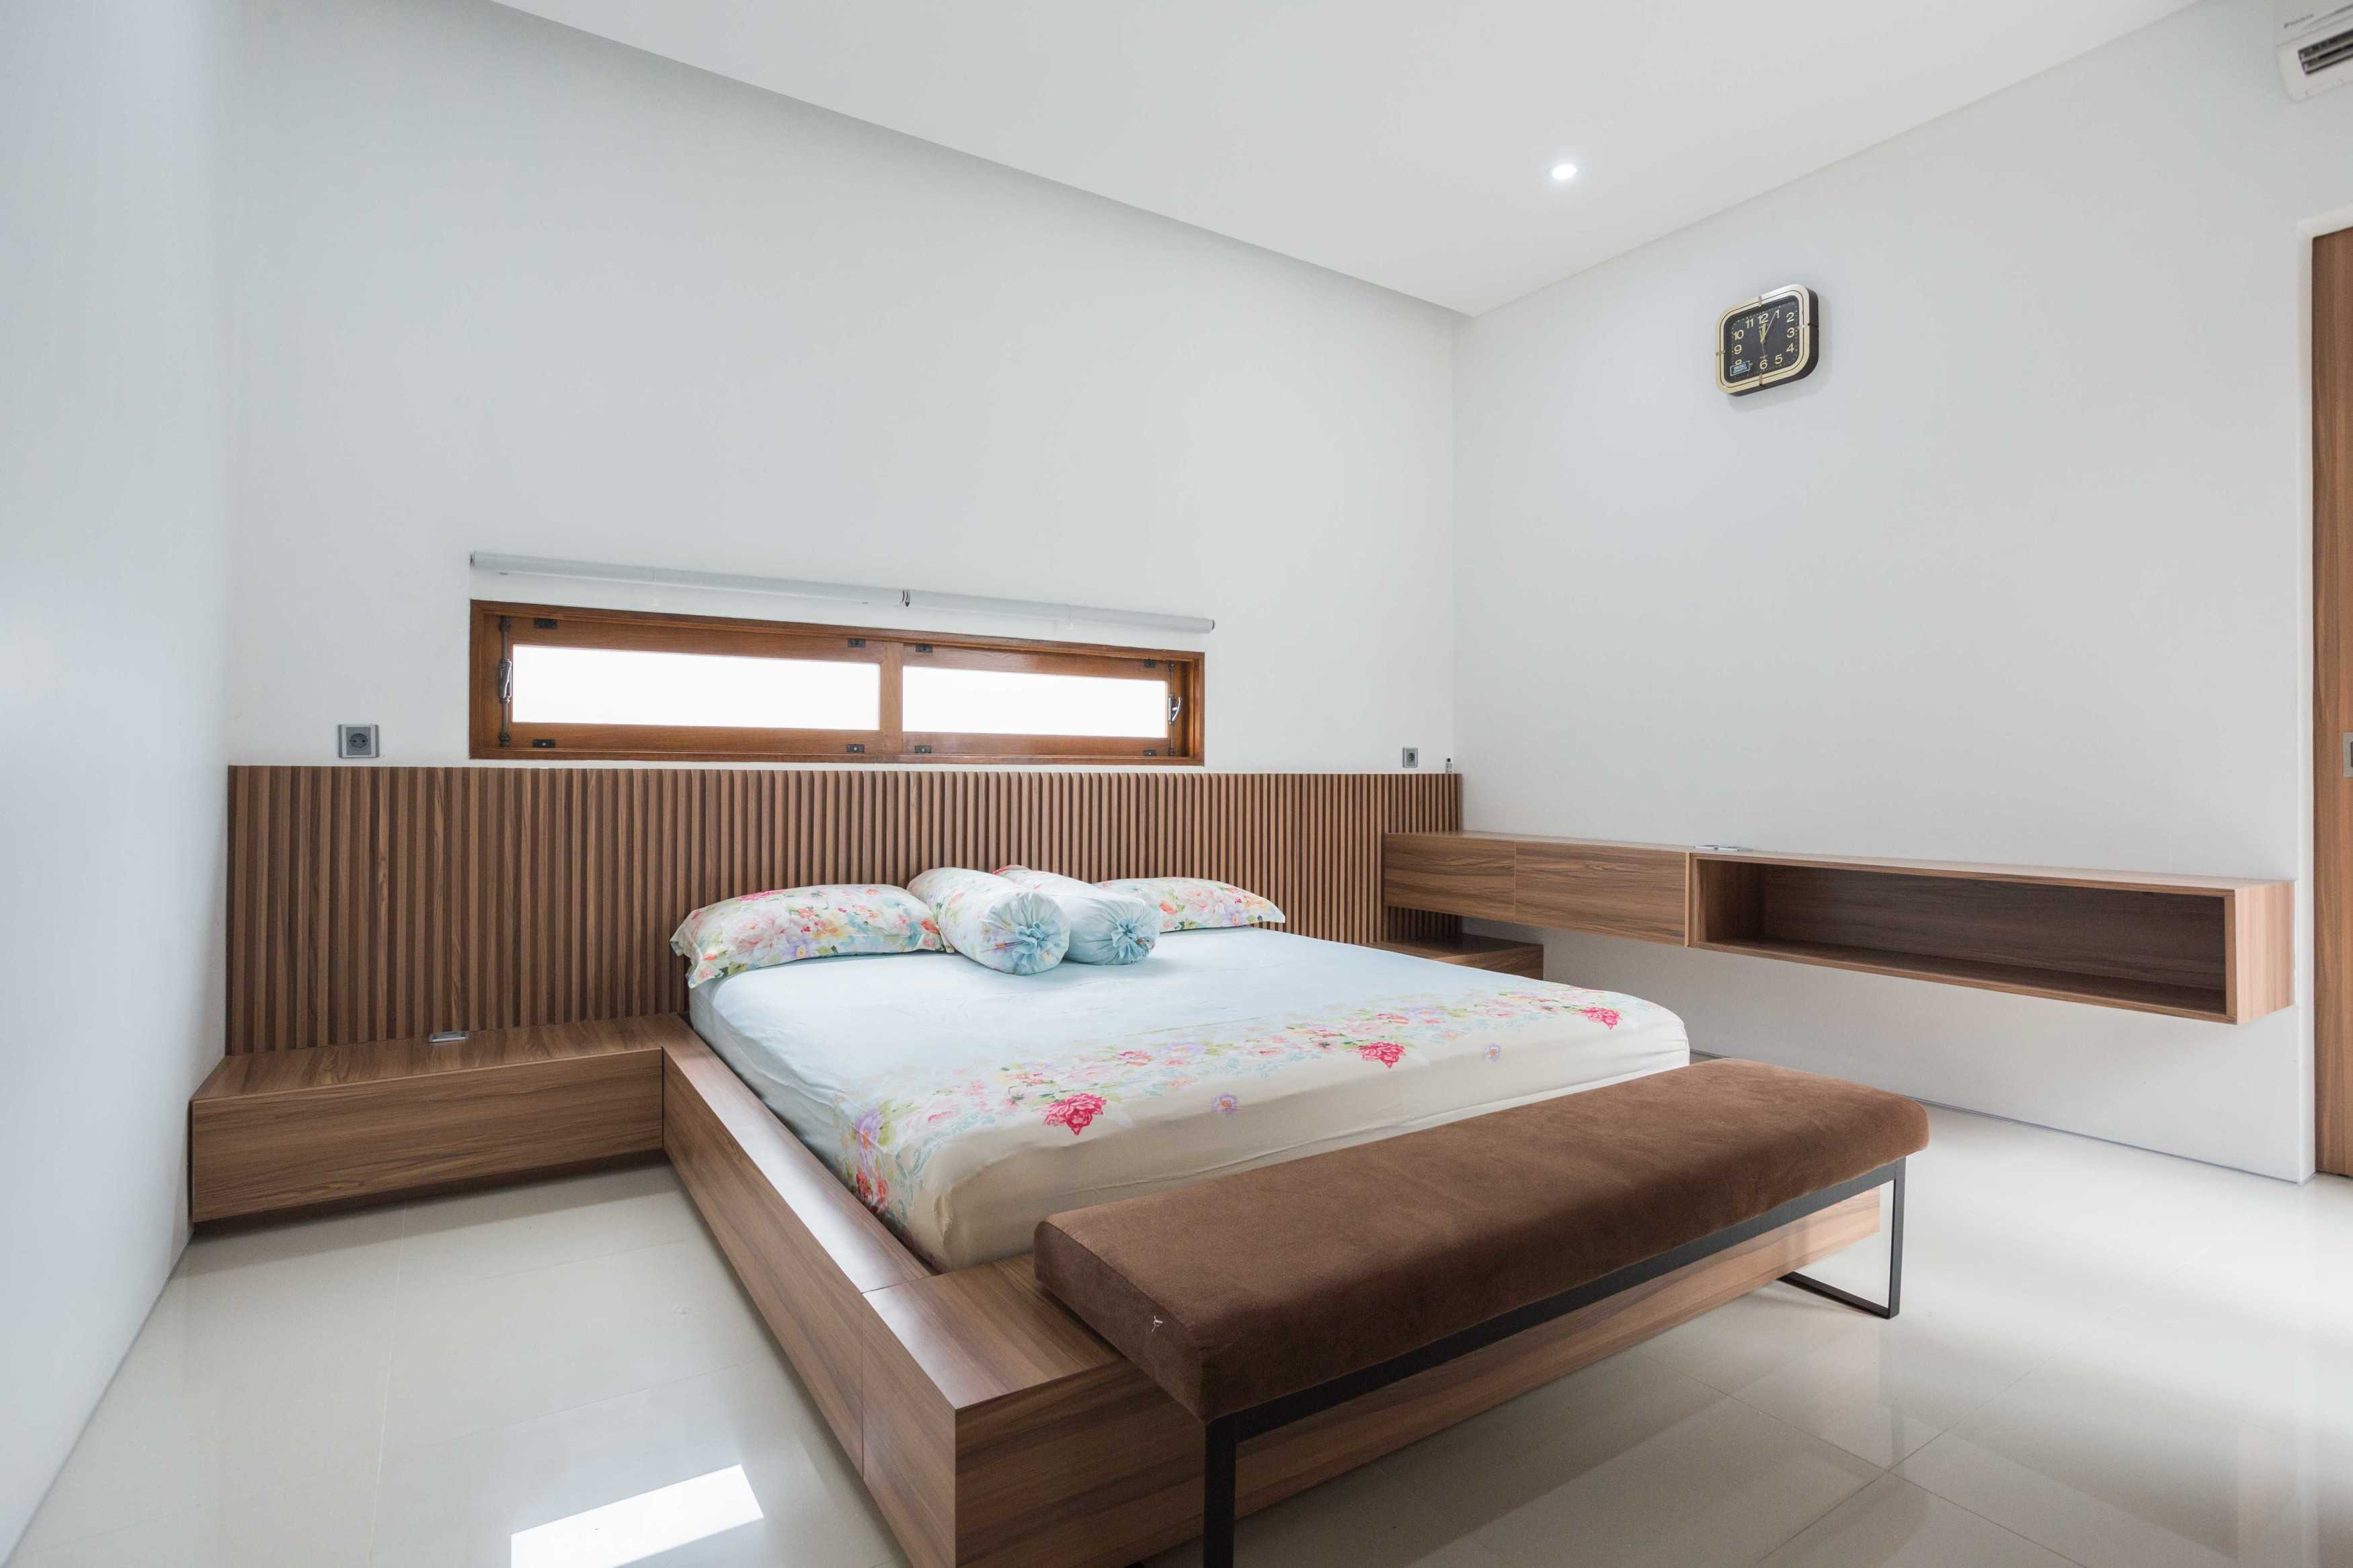 Guntur Haryadi Architecture Studio Ni House Depok, Kota Depok, Jawa Barat, Indonesia Depok, Kota Depok, Jawa Barat, Indonesia Guntur-Haryadi-Architecture-Studio-Ni-House   62621